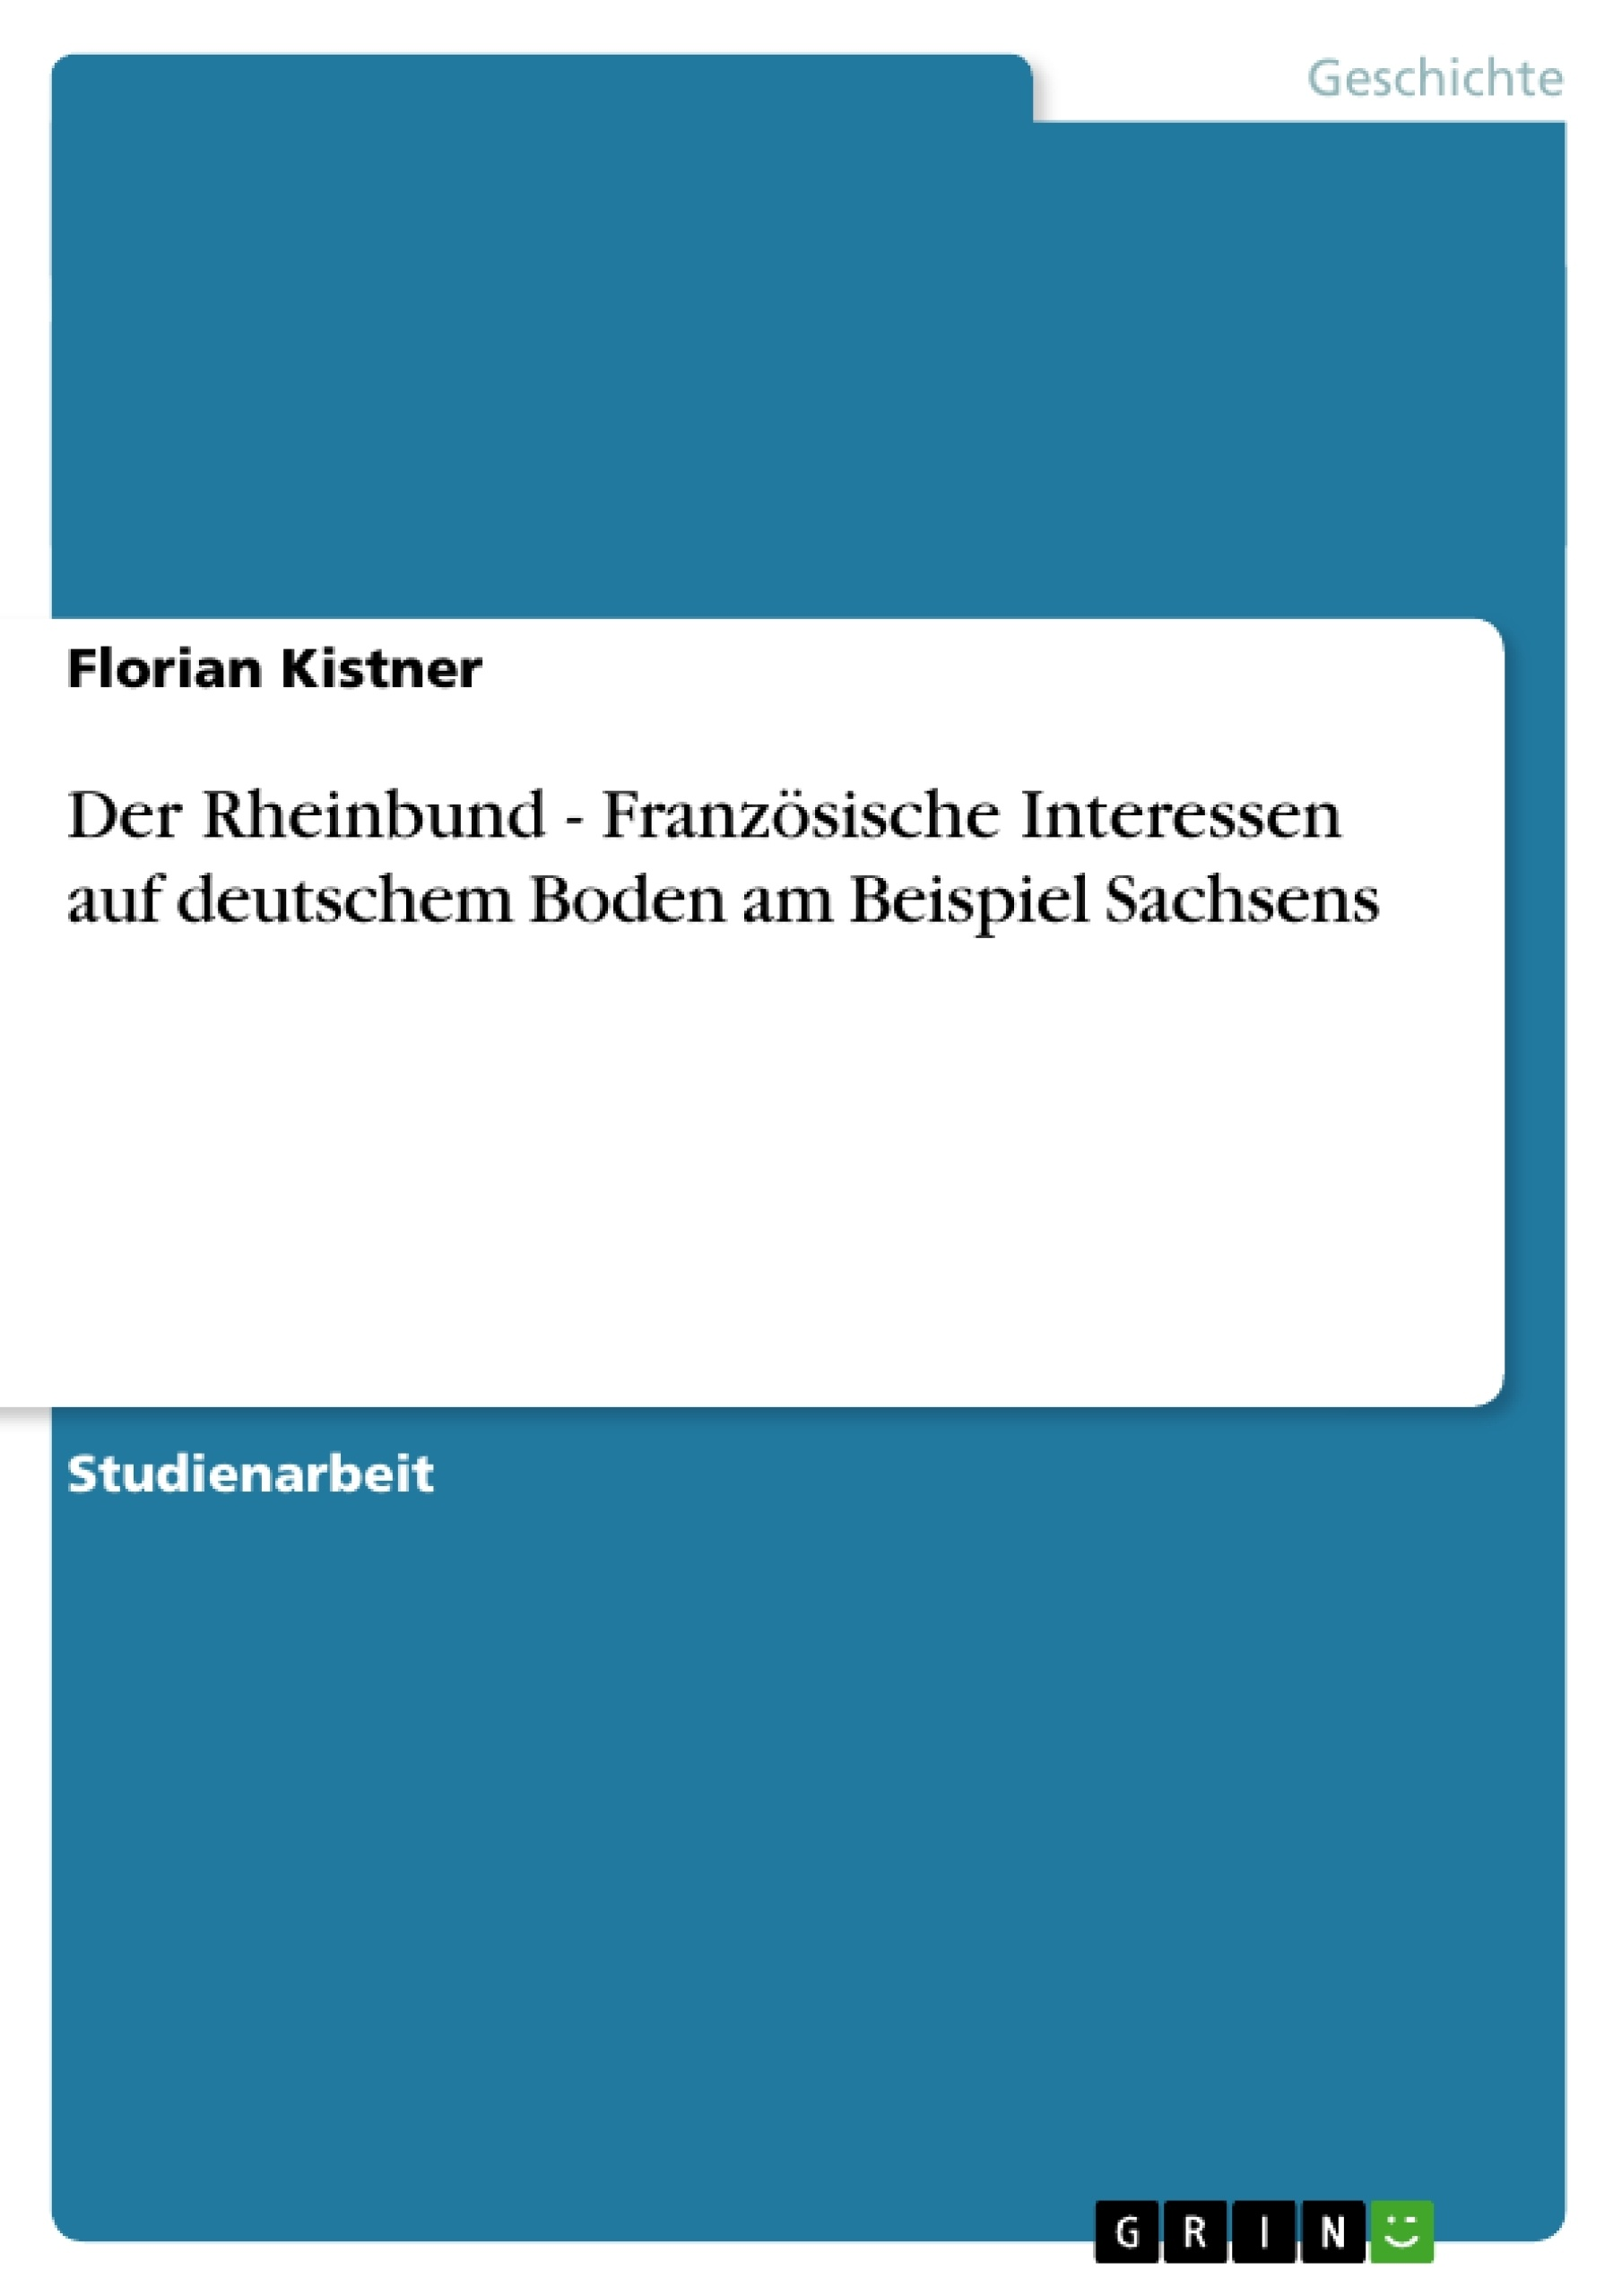 Titel: Der Rheinbund - Französische Interessen auf deutschem Boden am Beispiel Sachsens